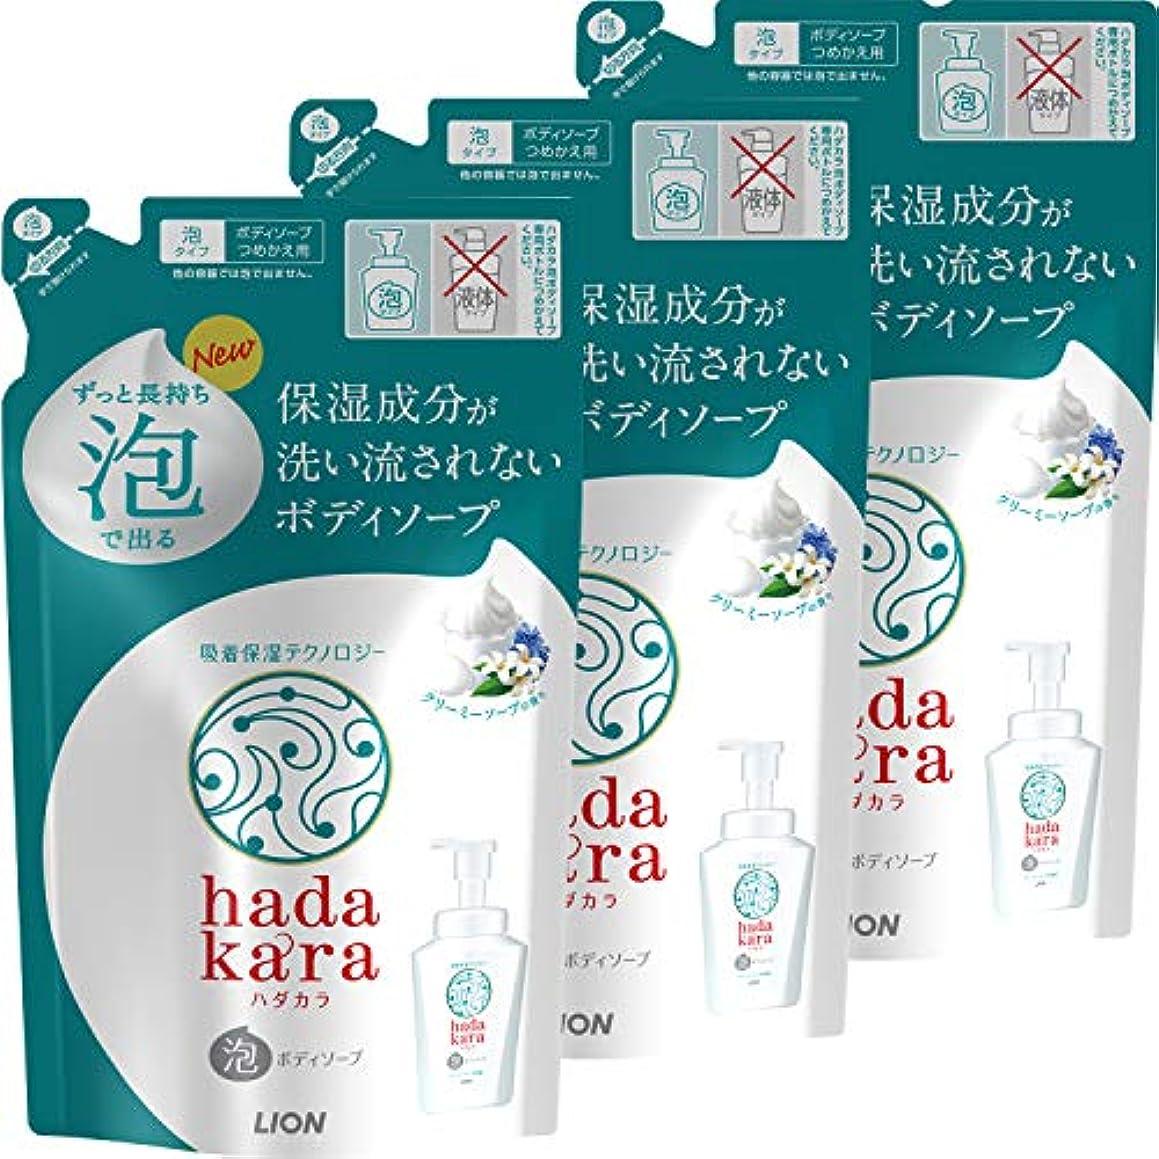 ケイ素市町村背骨hadakara(ハダカラ) ボディソープ 泡タイプ クリーミーソープの香り 詰替440ml×3個